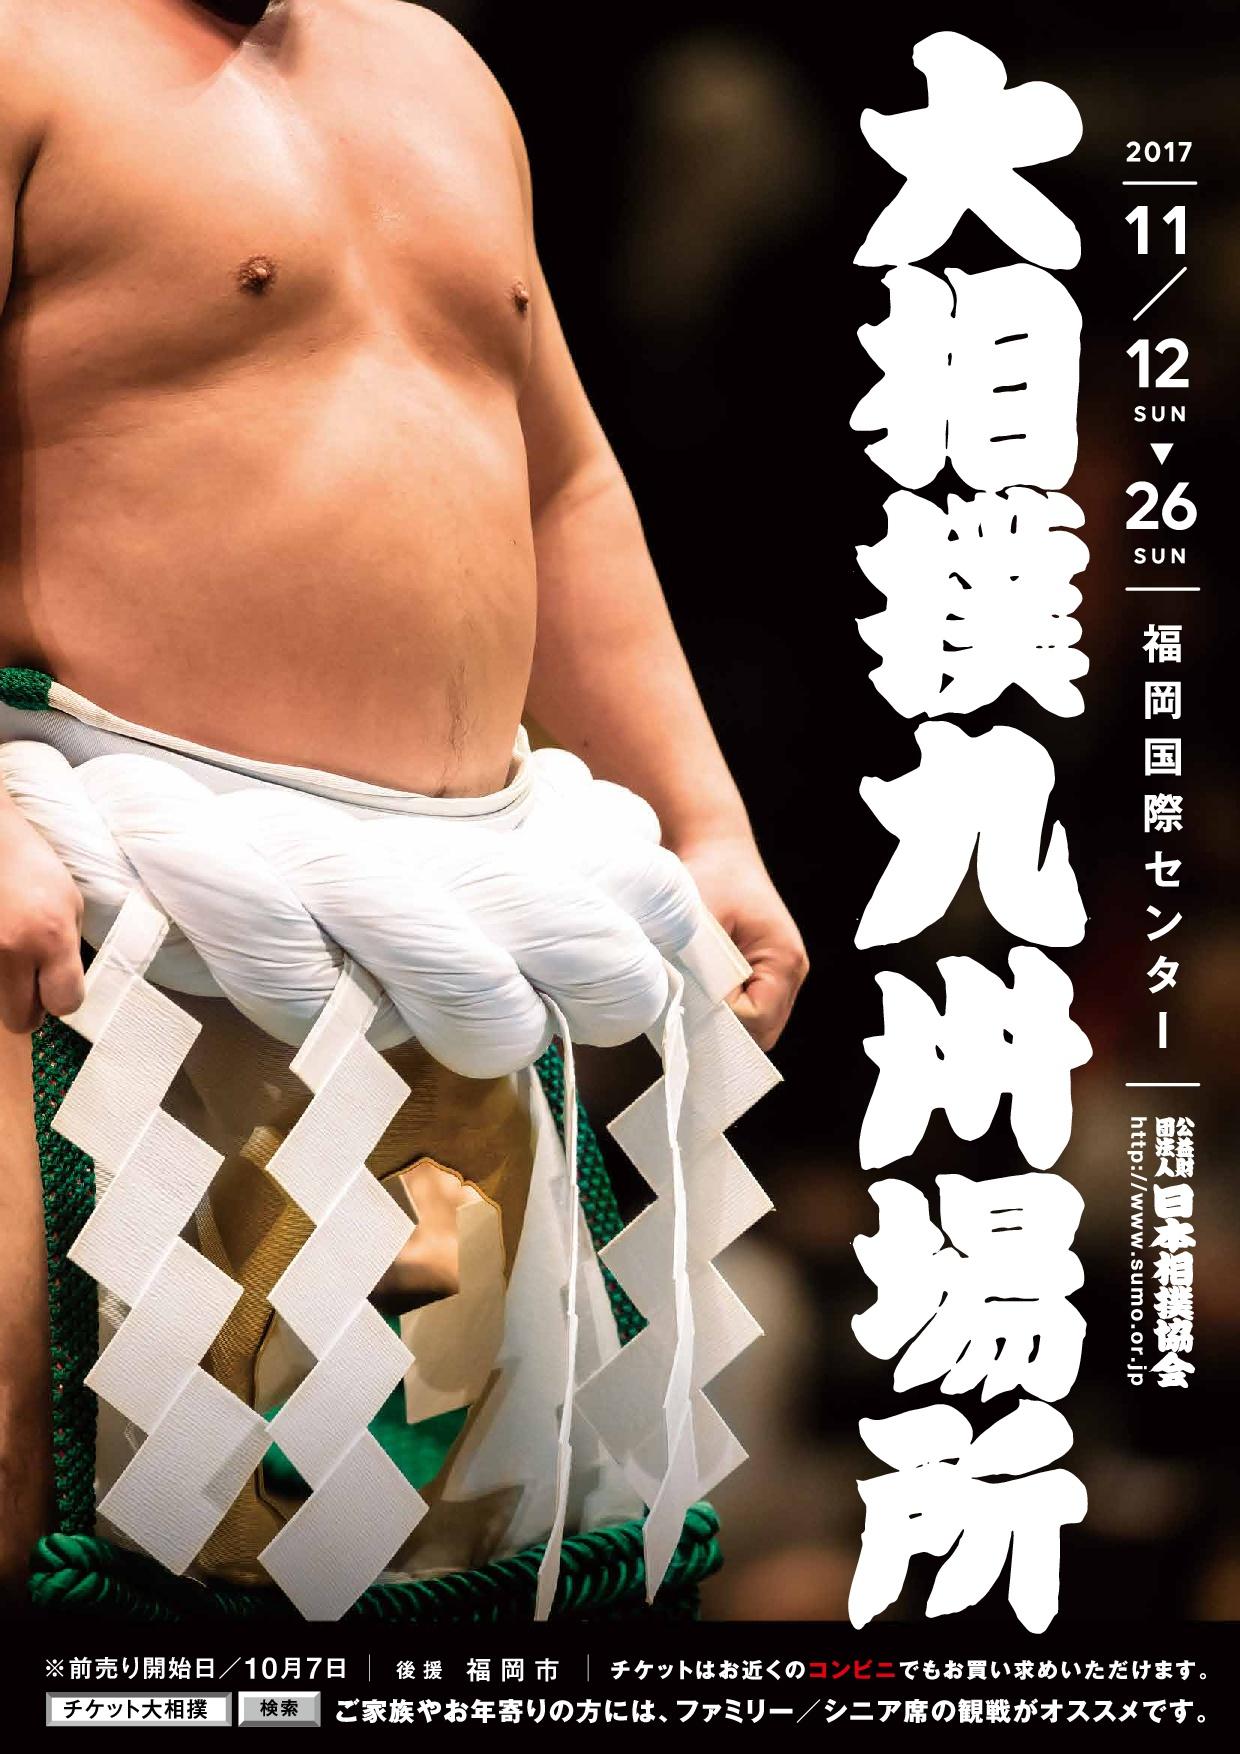 20171022-kyushu-poszter.jpg